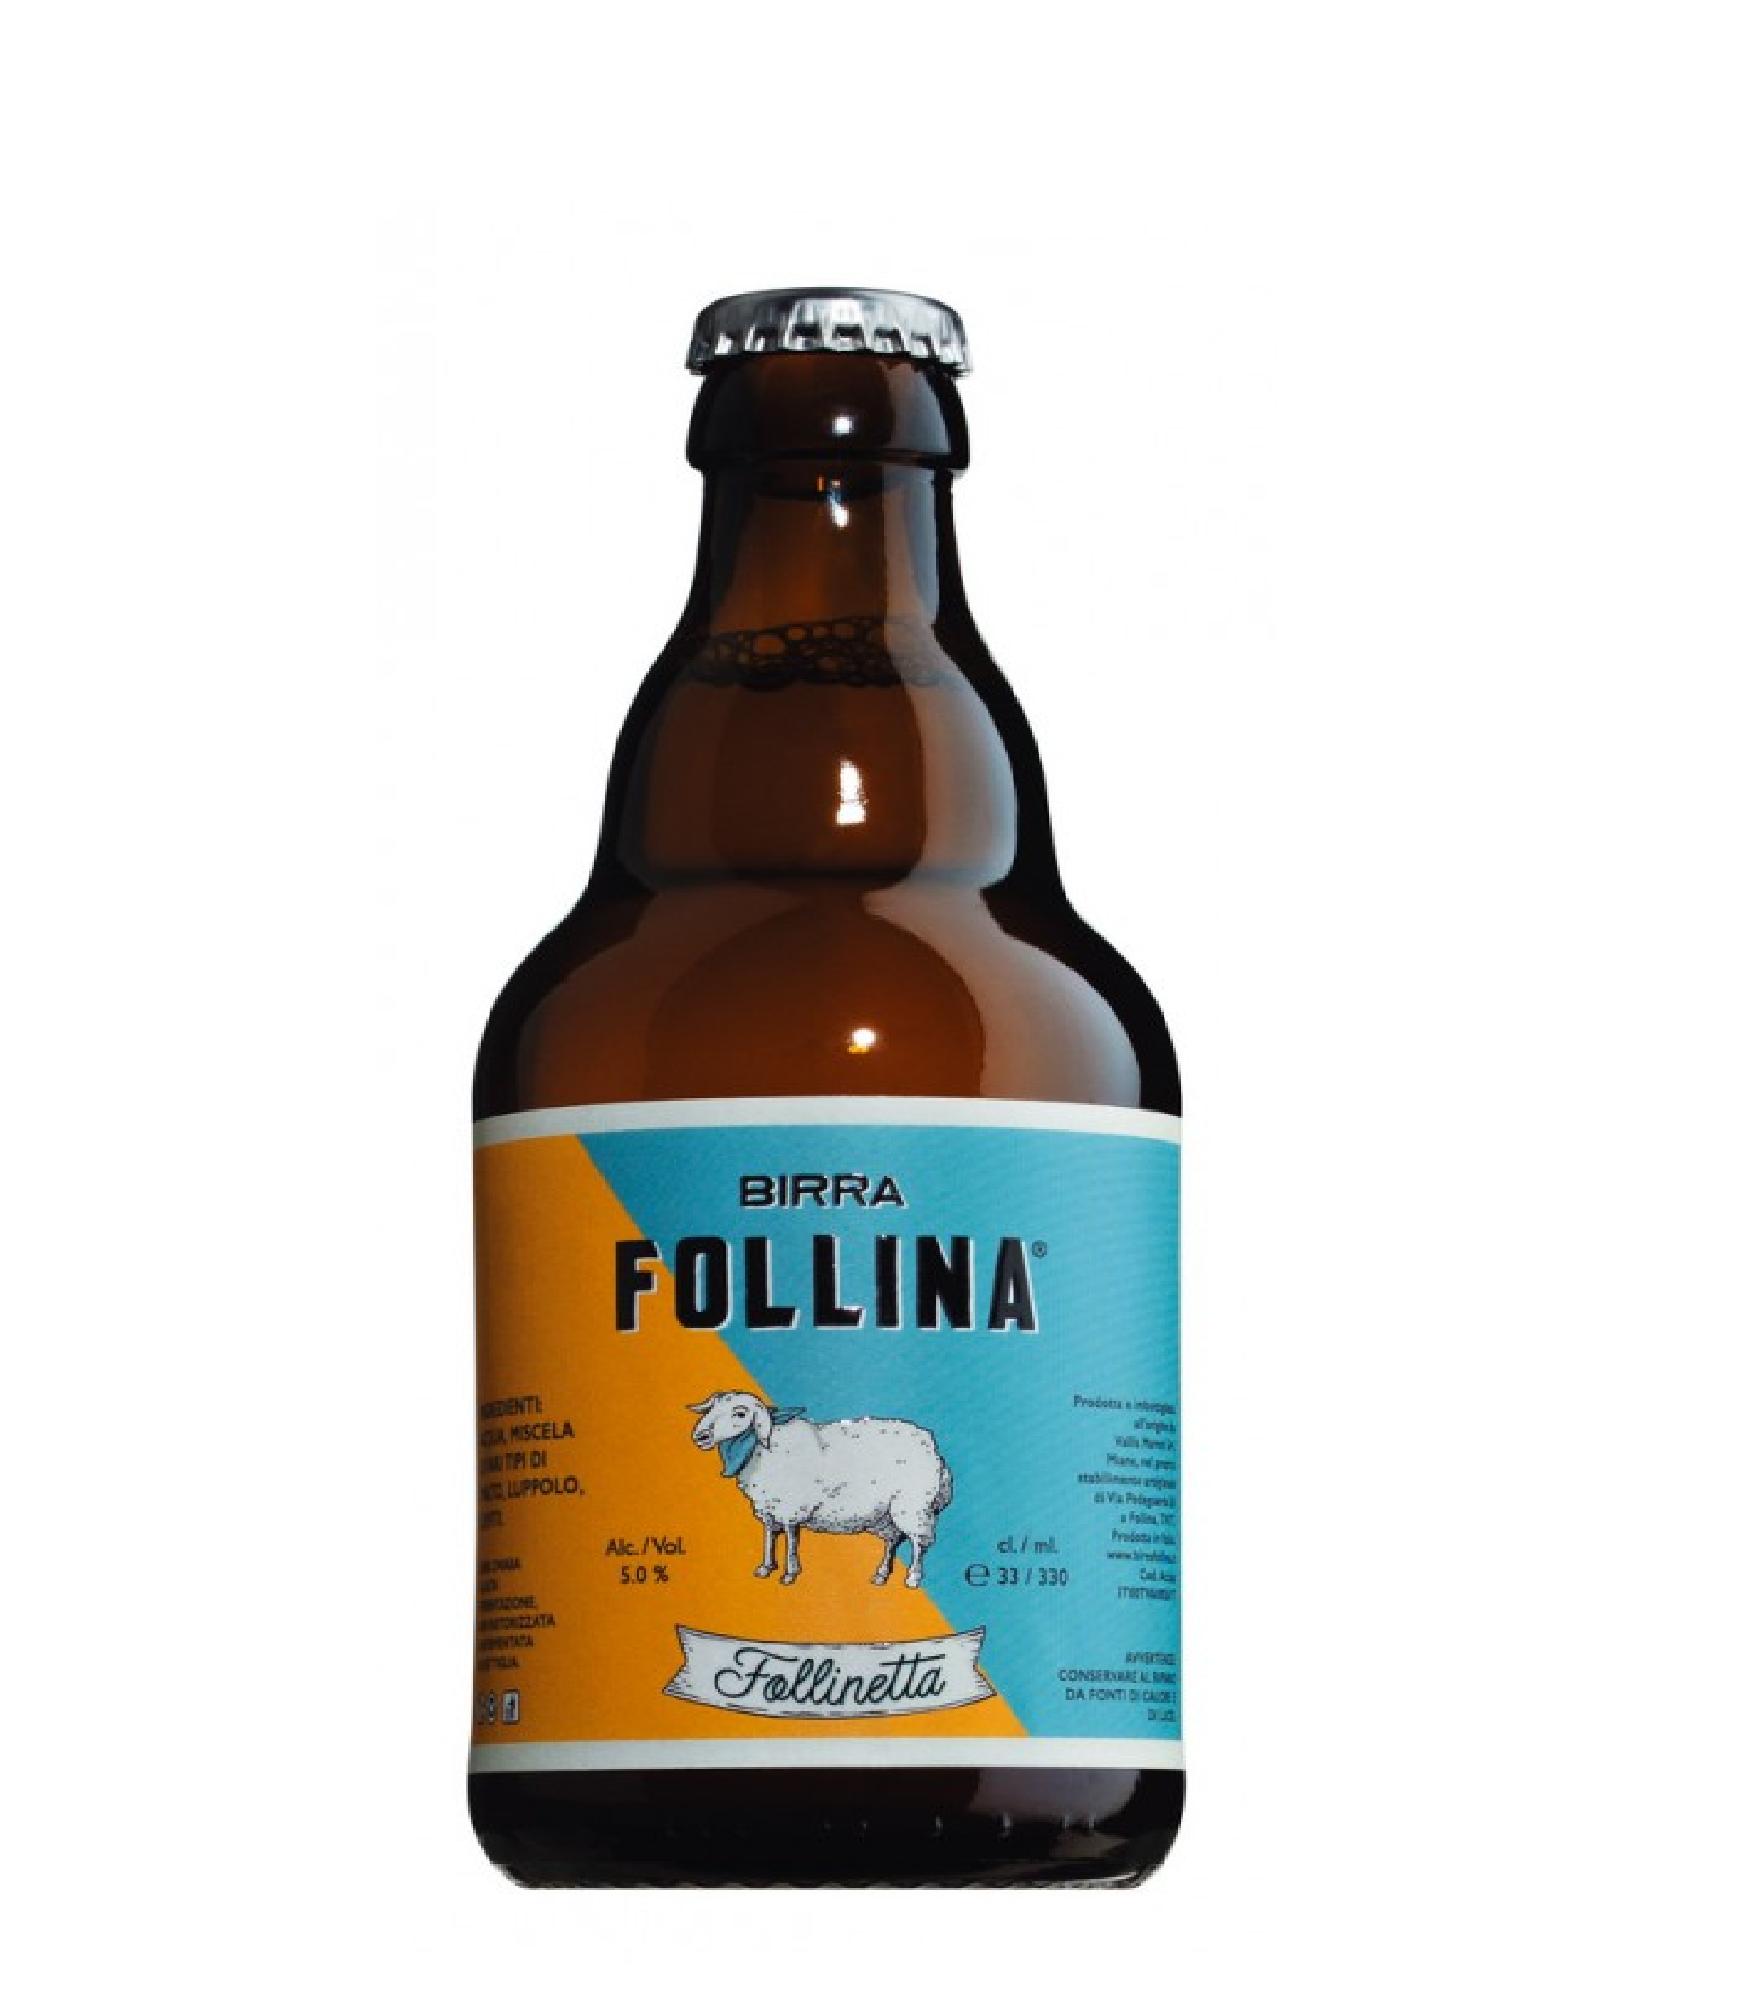 BIRRA FOLLINA FOLLINETTA LT. 0,33